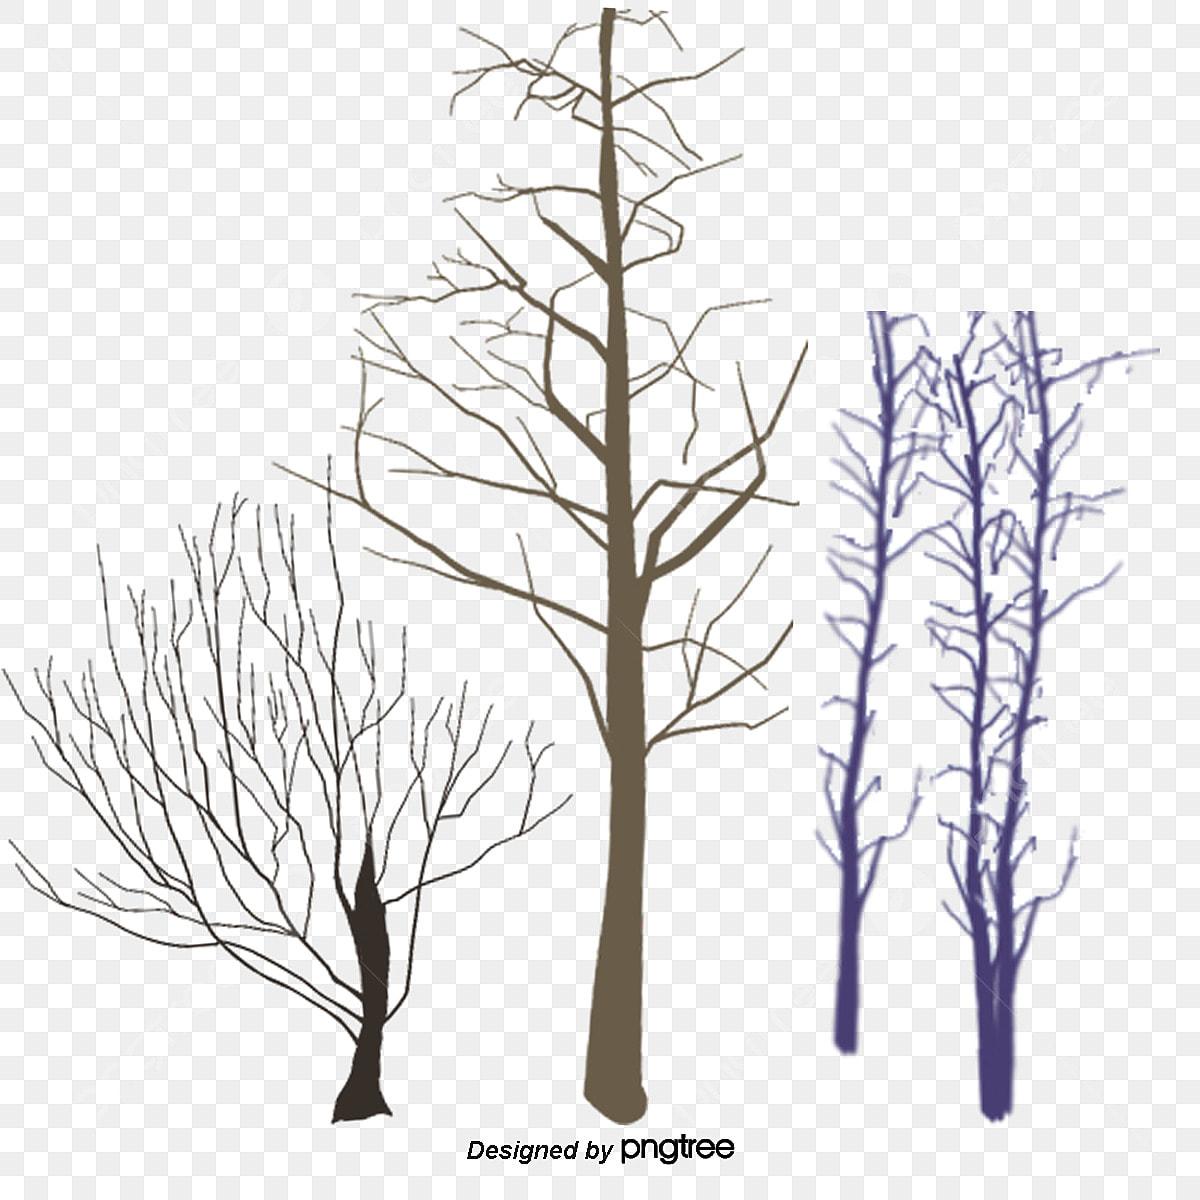 No Inverno As Arvores De Galhos Secos No Inverno No Inverno